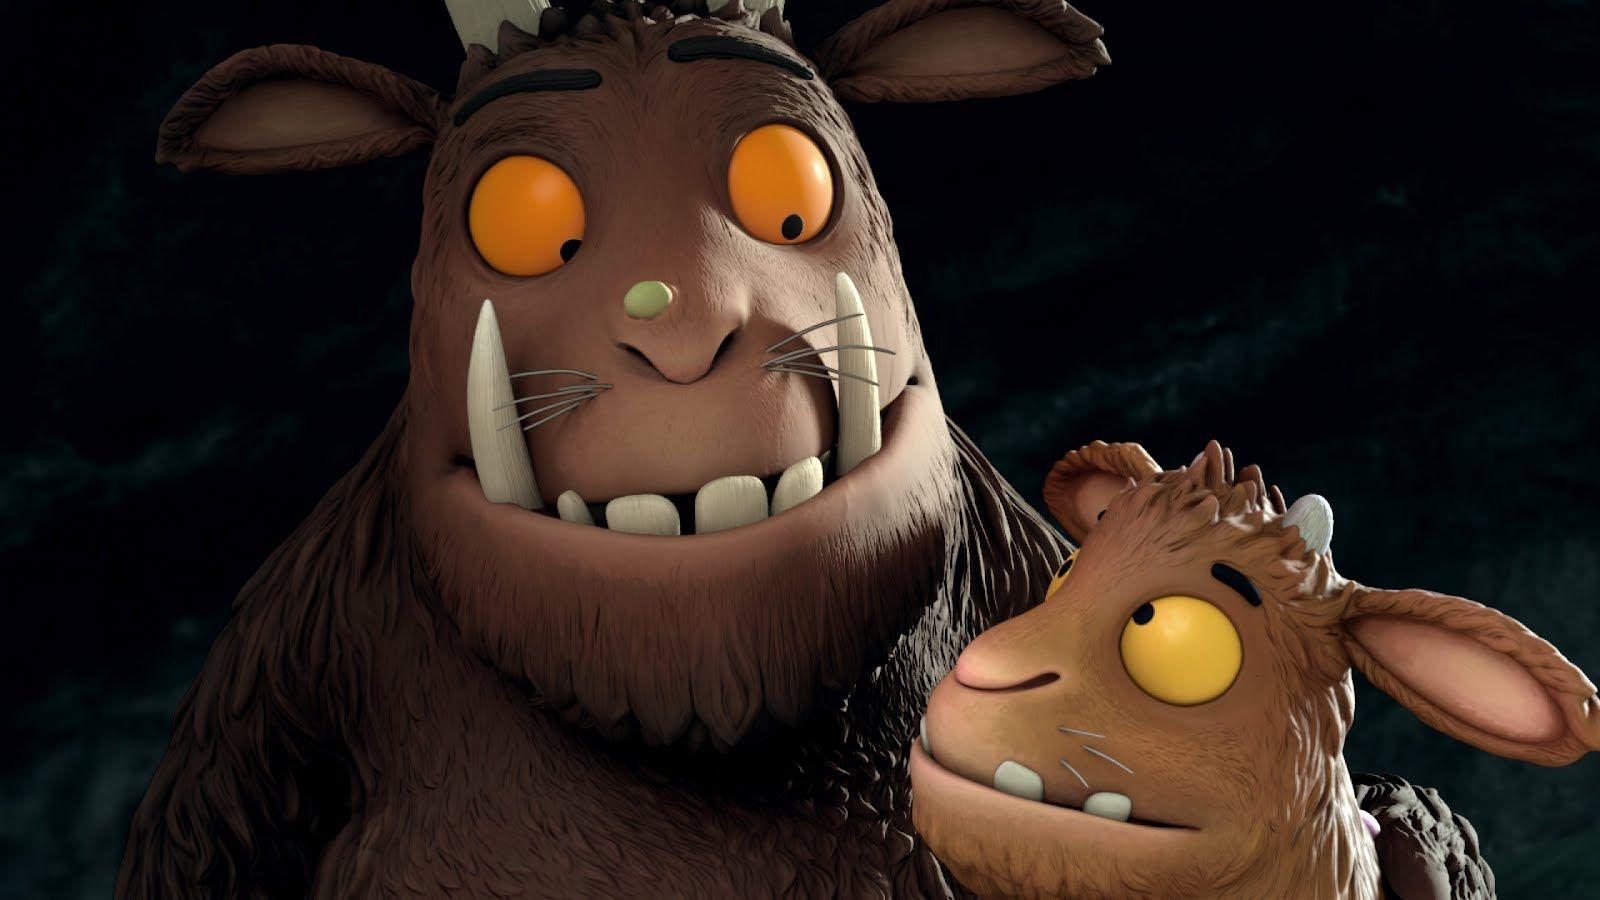 The Gruffalo's Child Animation